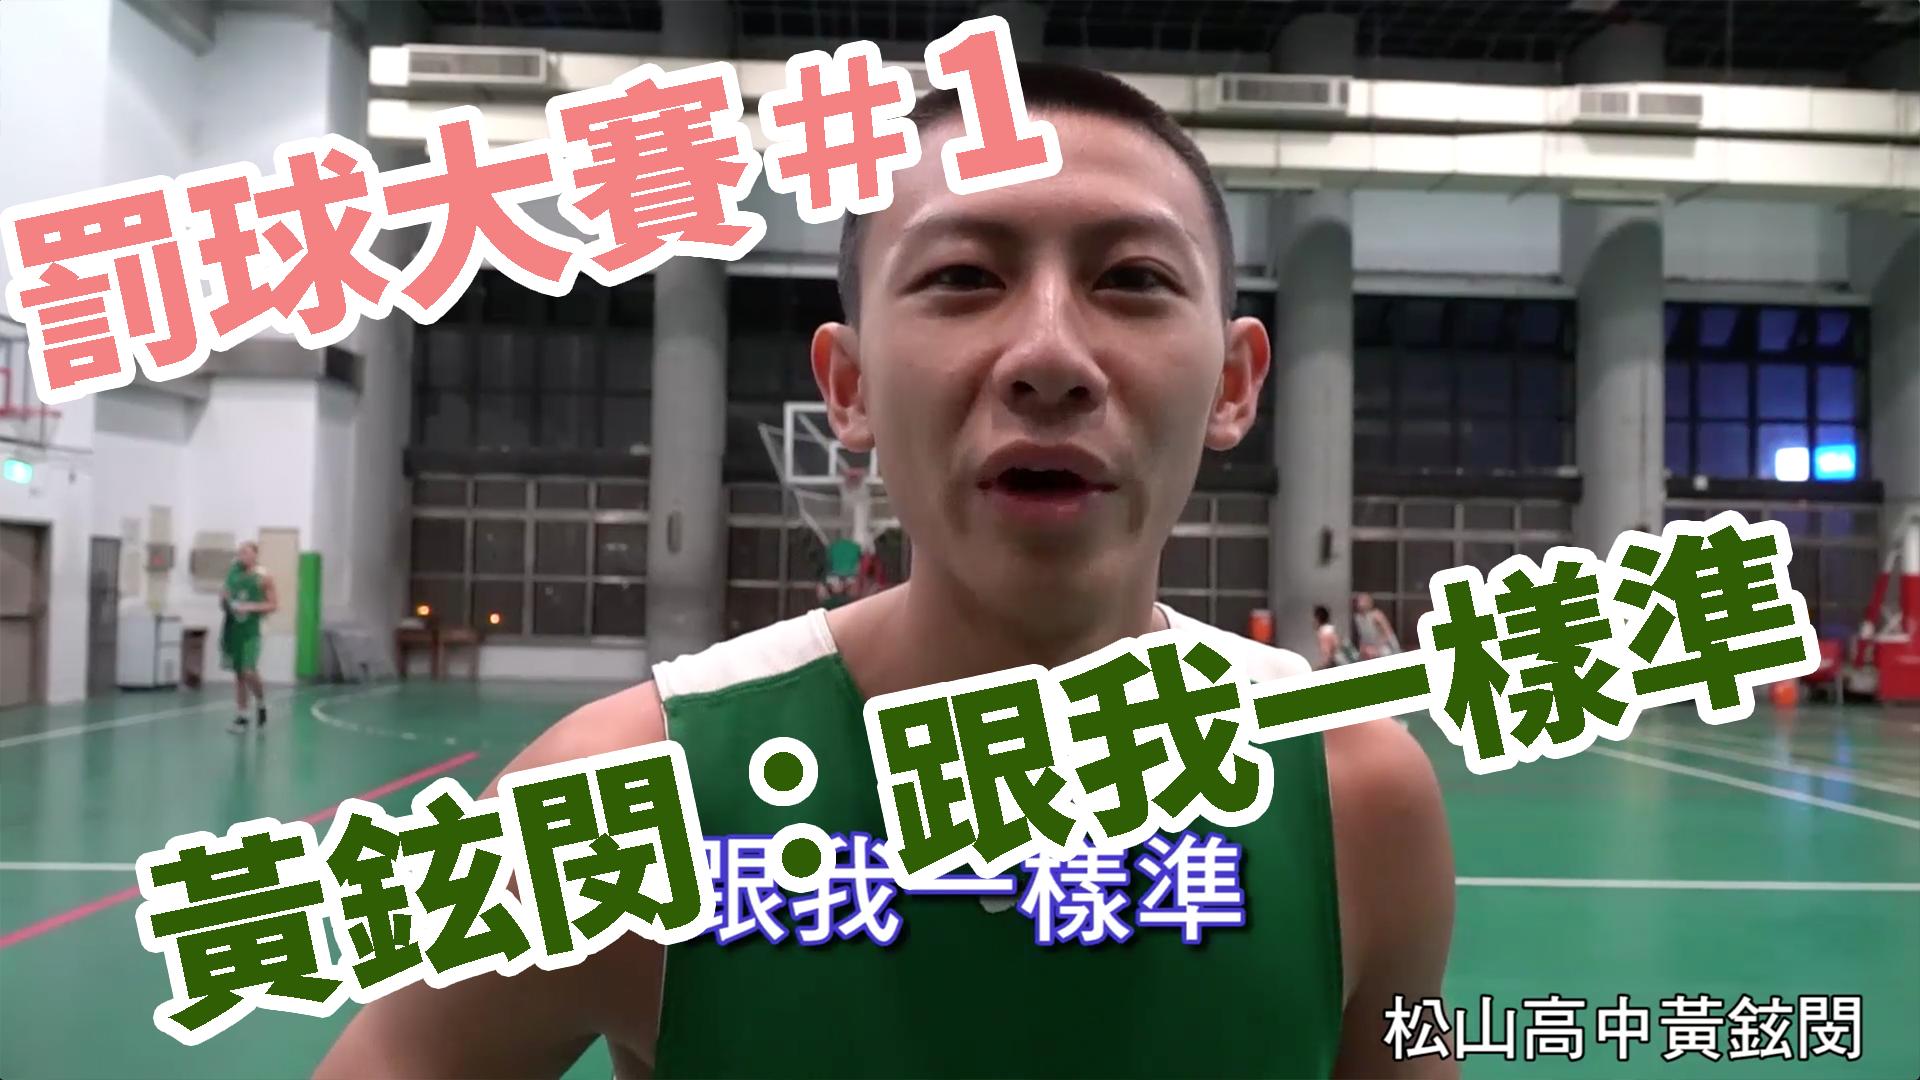 罰球大賽#1 松山高中黃鉉閔